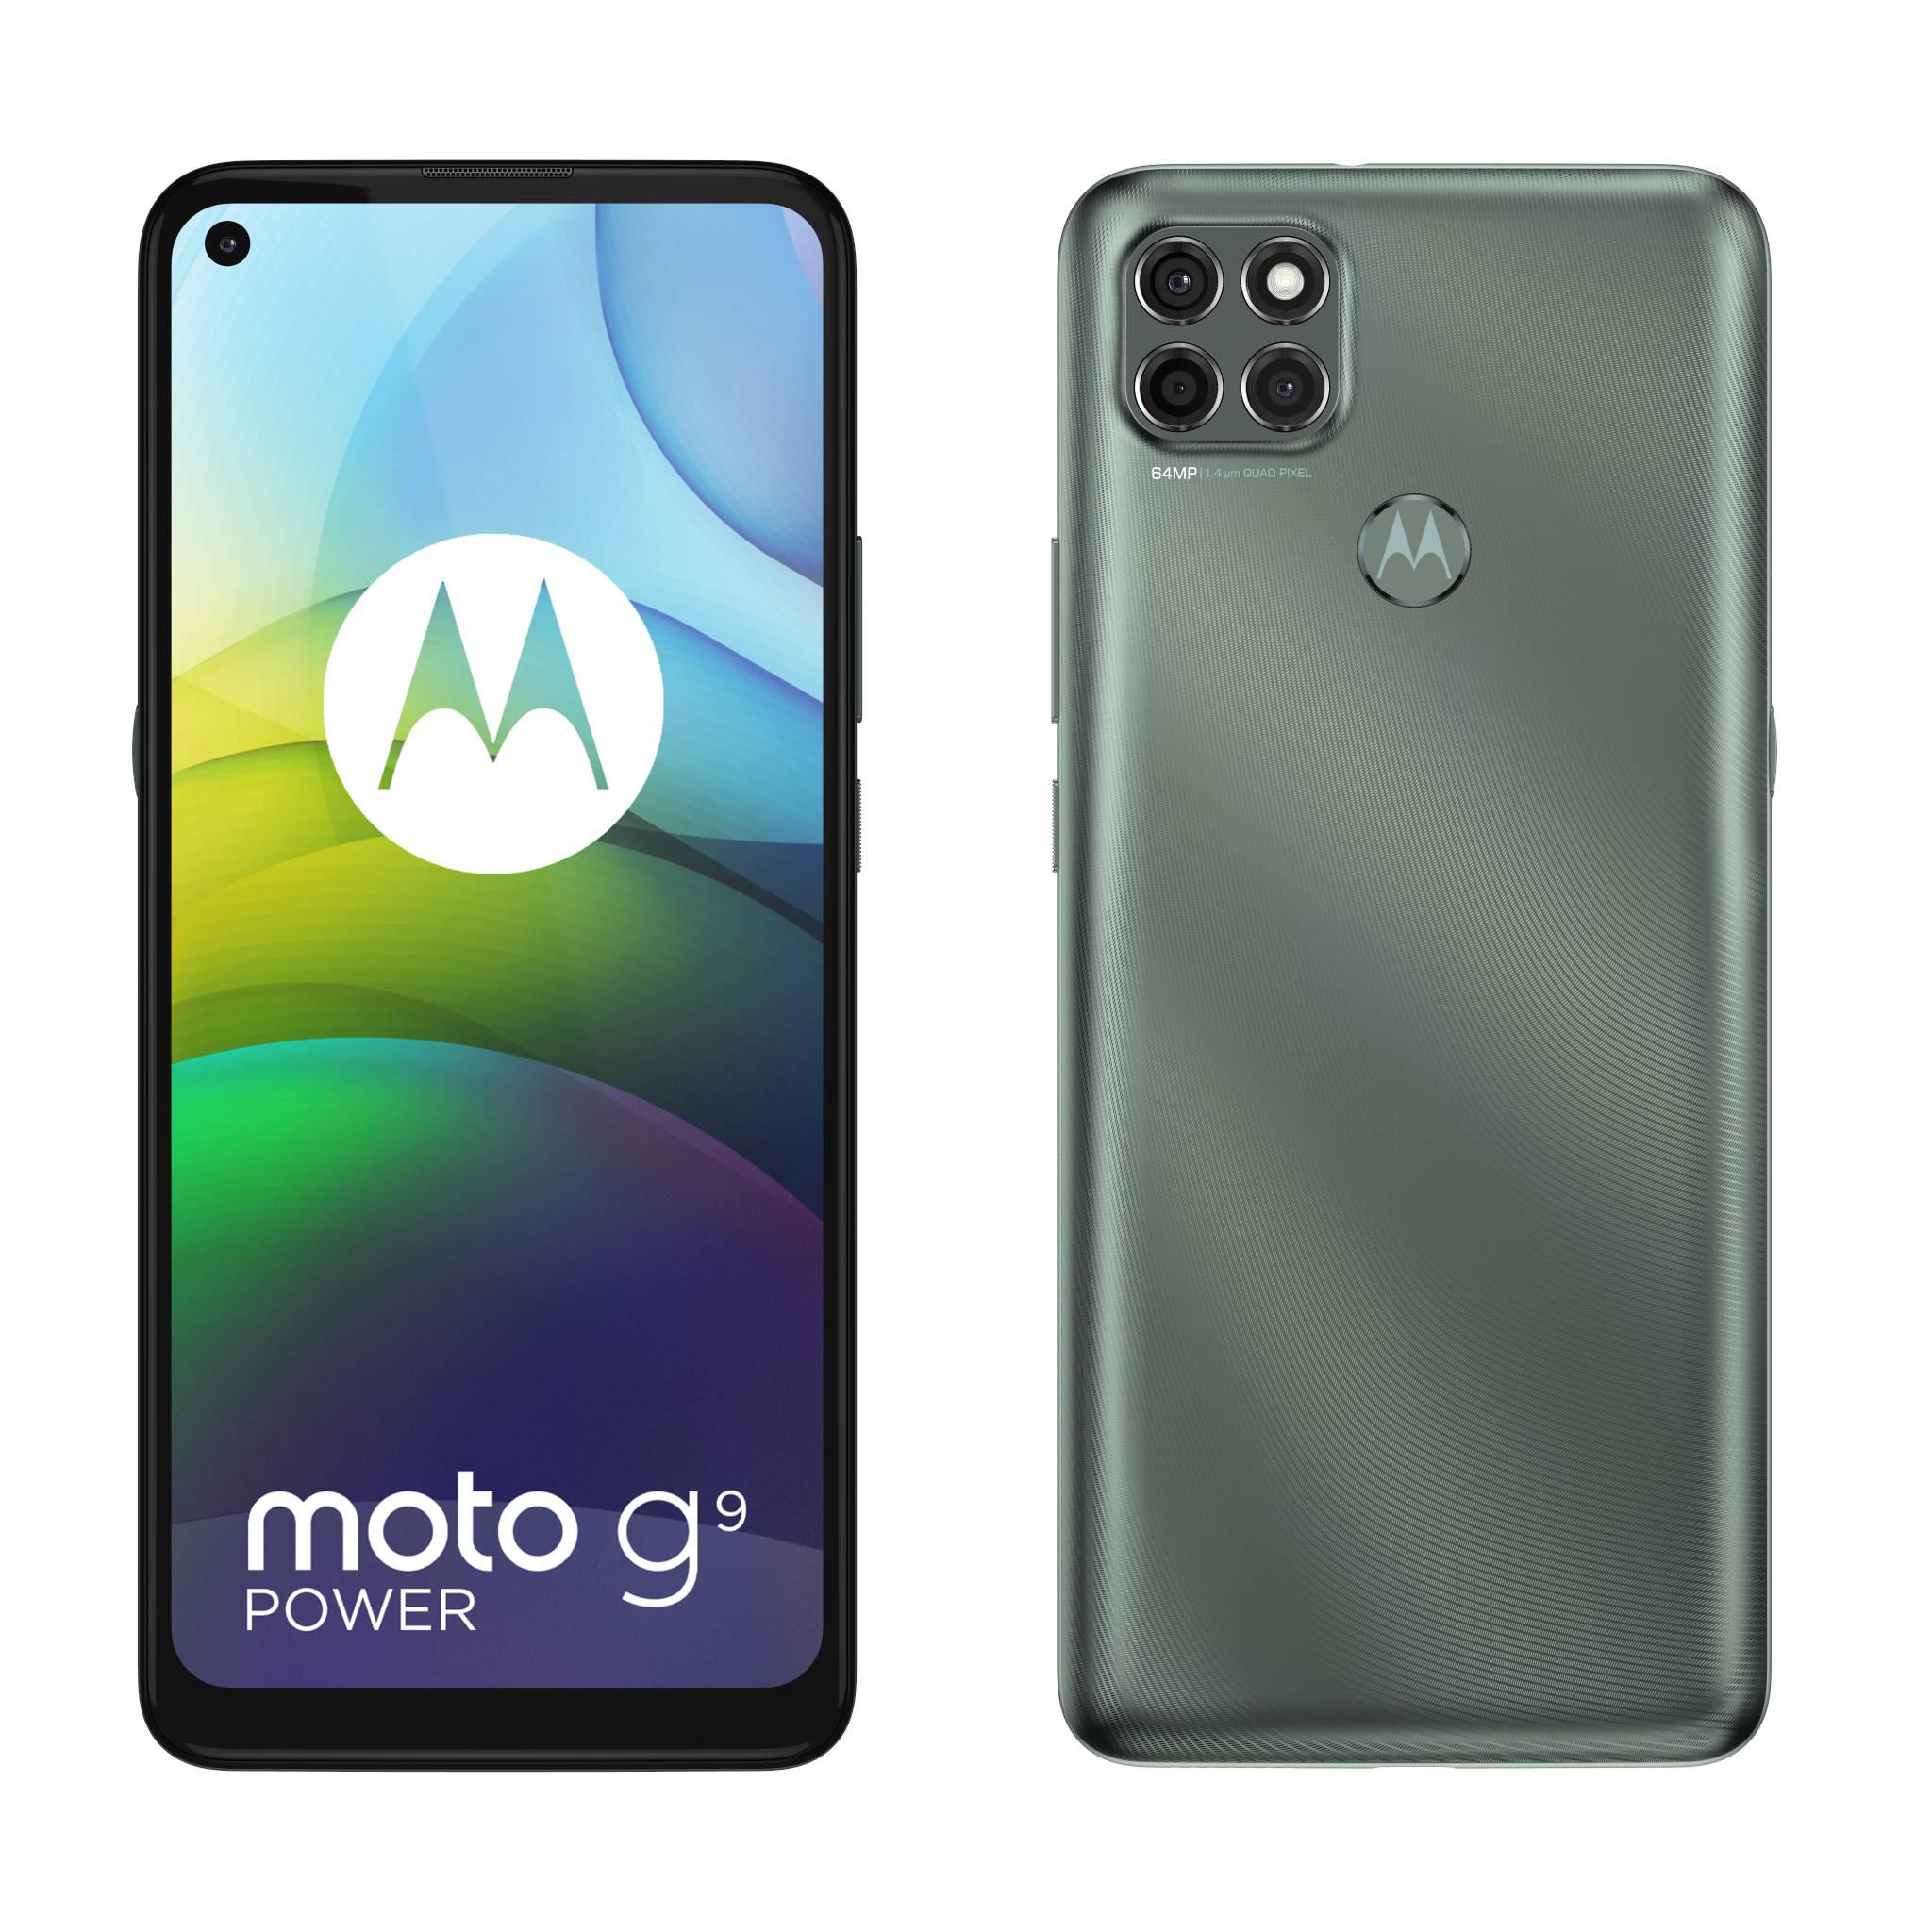 Motorola Moto G9 Power cena premiera opinie specyfikacja dane techniczne gdzie kupić najtaniej w Polsce